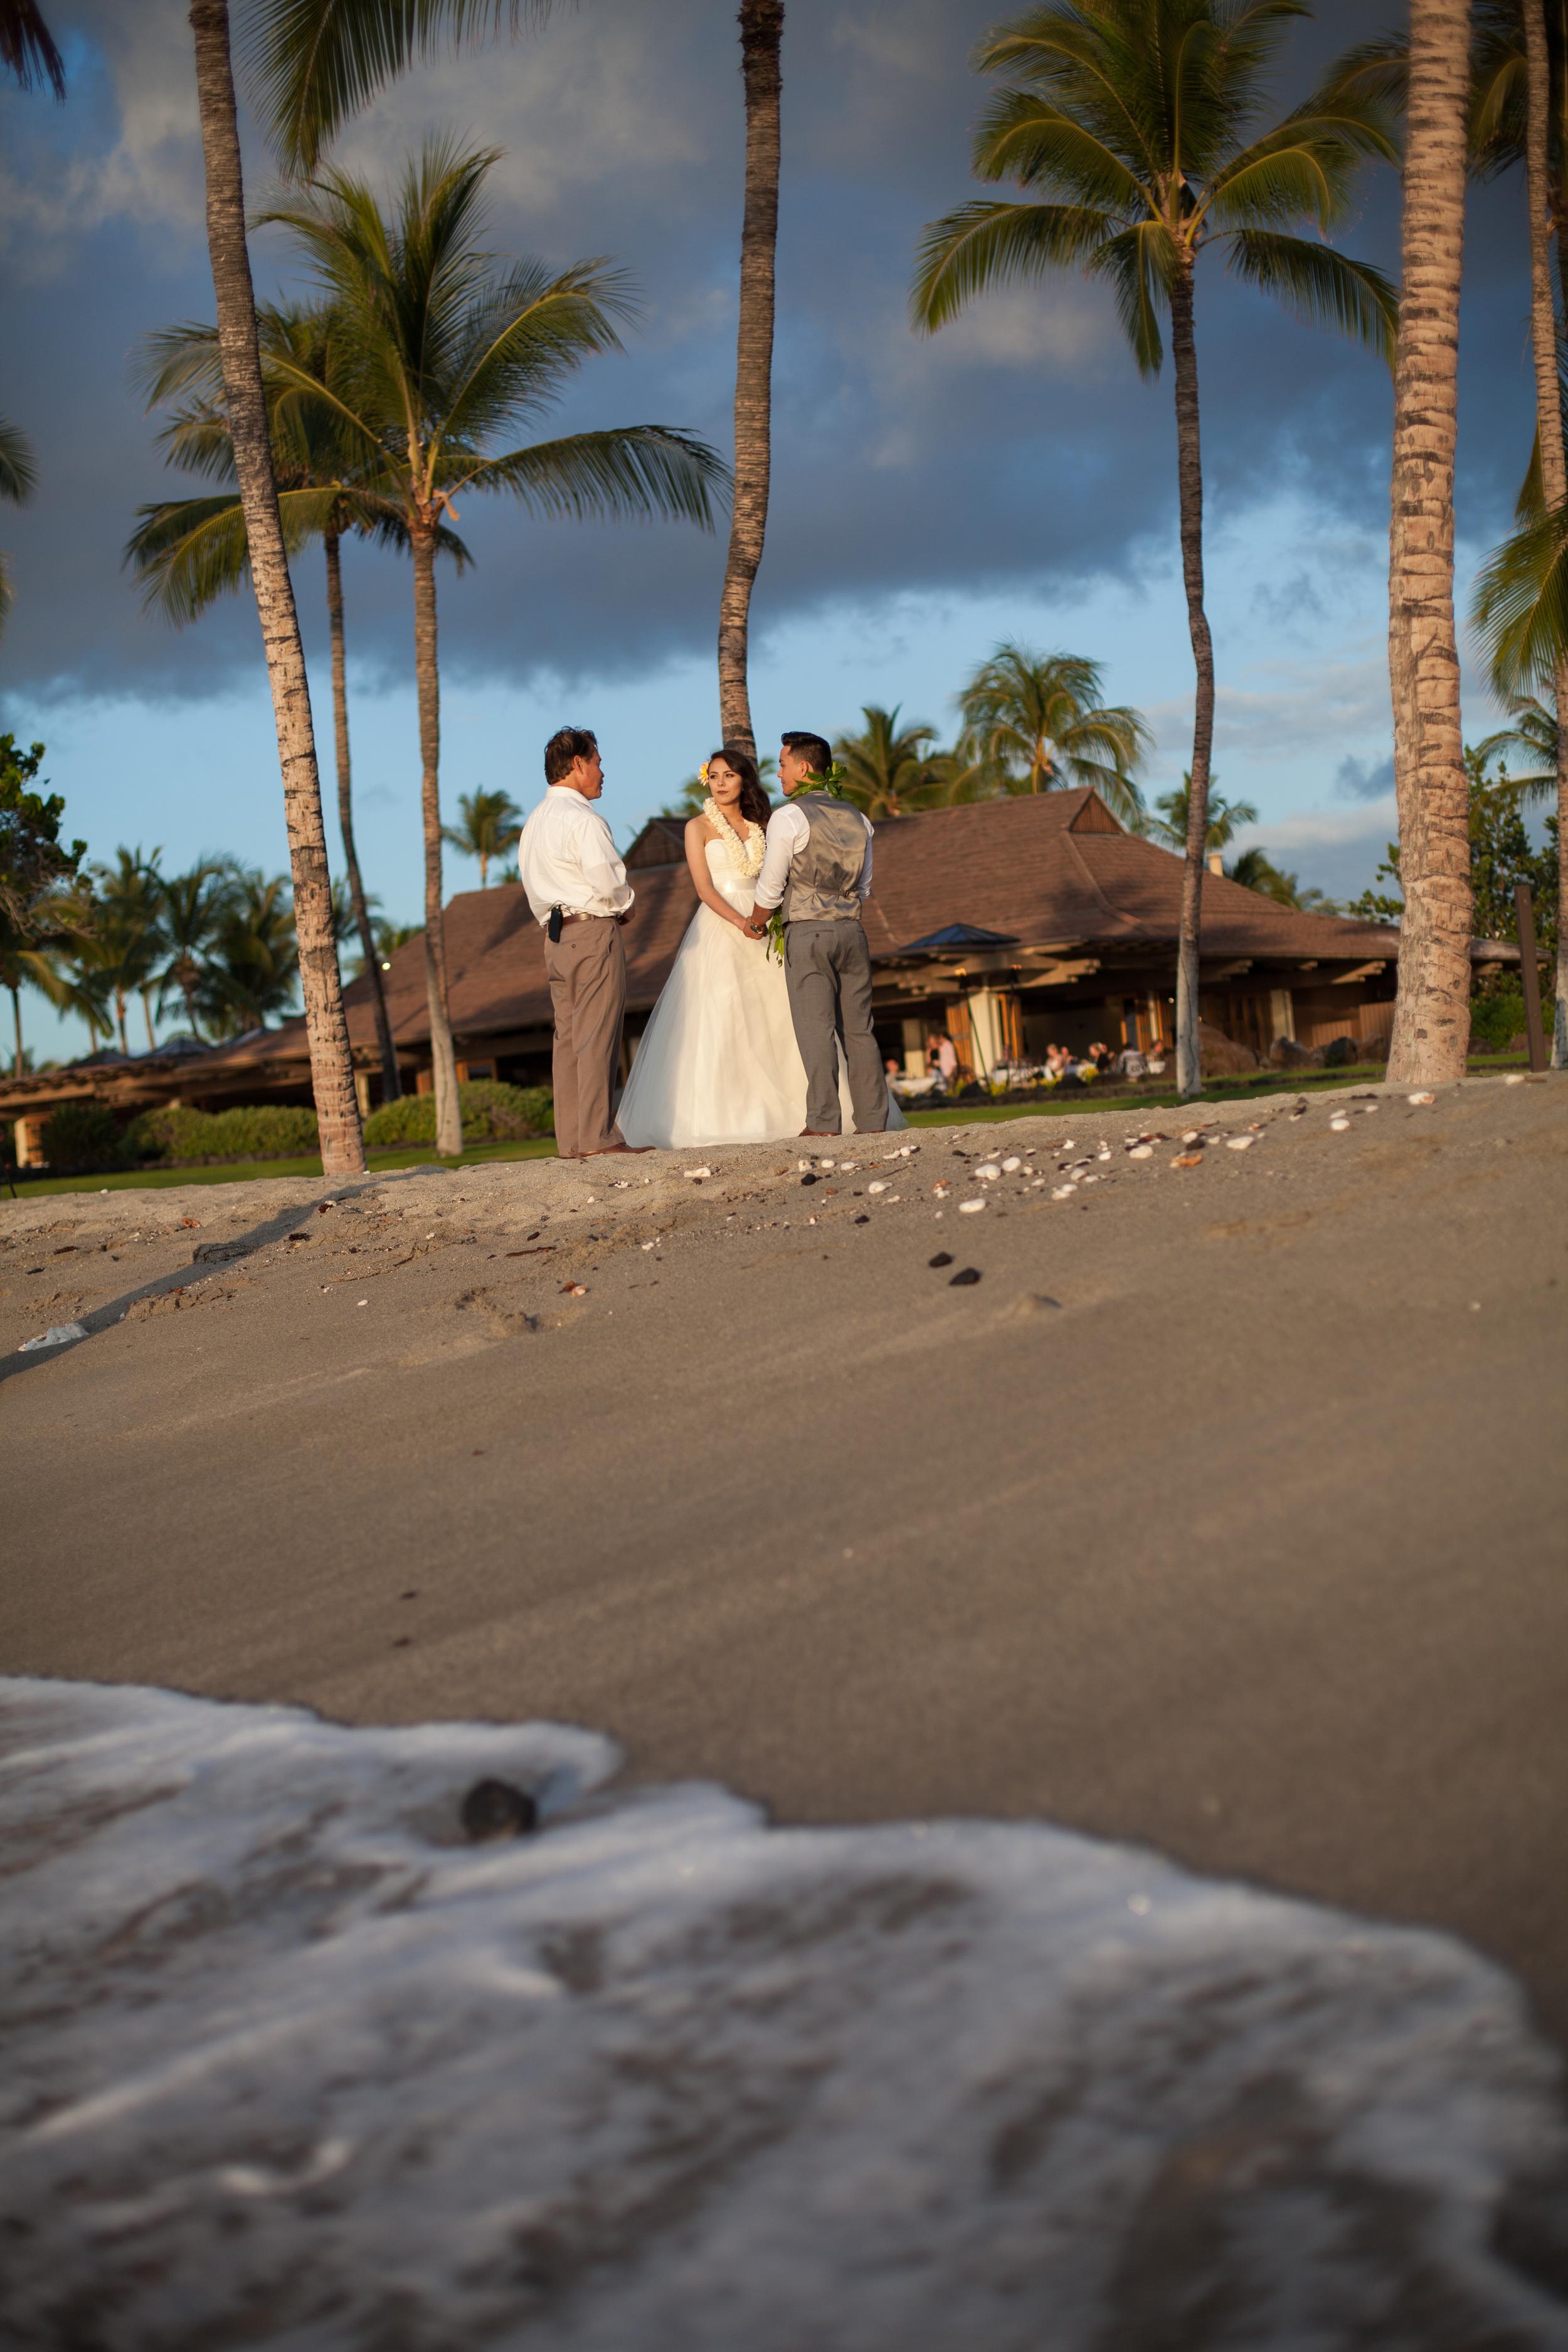 big island hawaii mauna lani resort wedding © kelilina photography 20160523182437-1.jpg